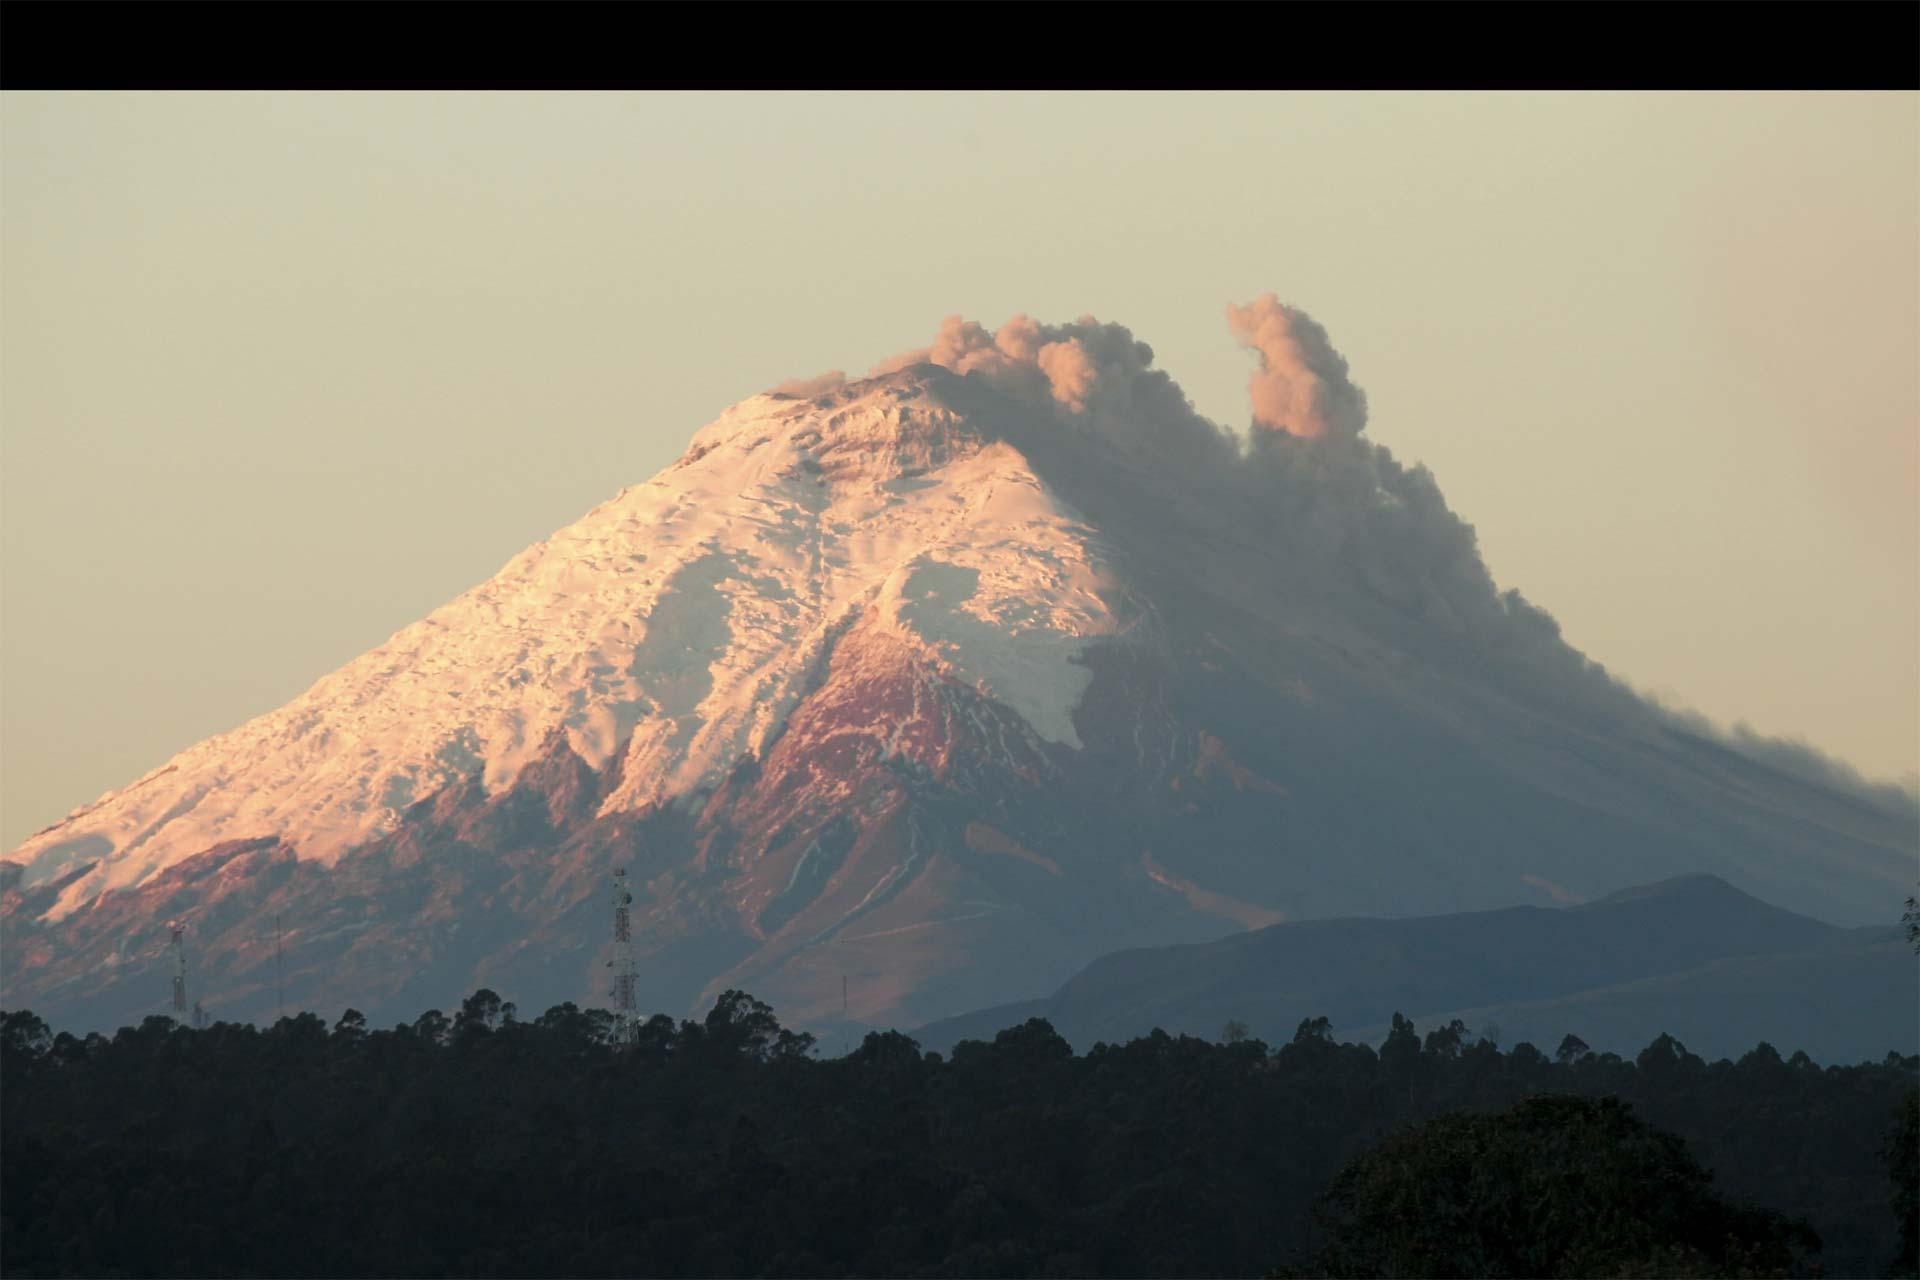 La actividad volcánica ha disminuido. Autoridades planean posibles evacuaciones